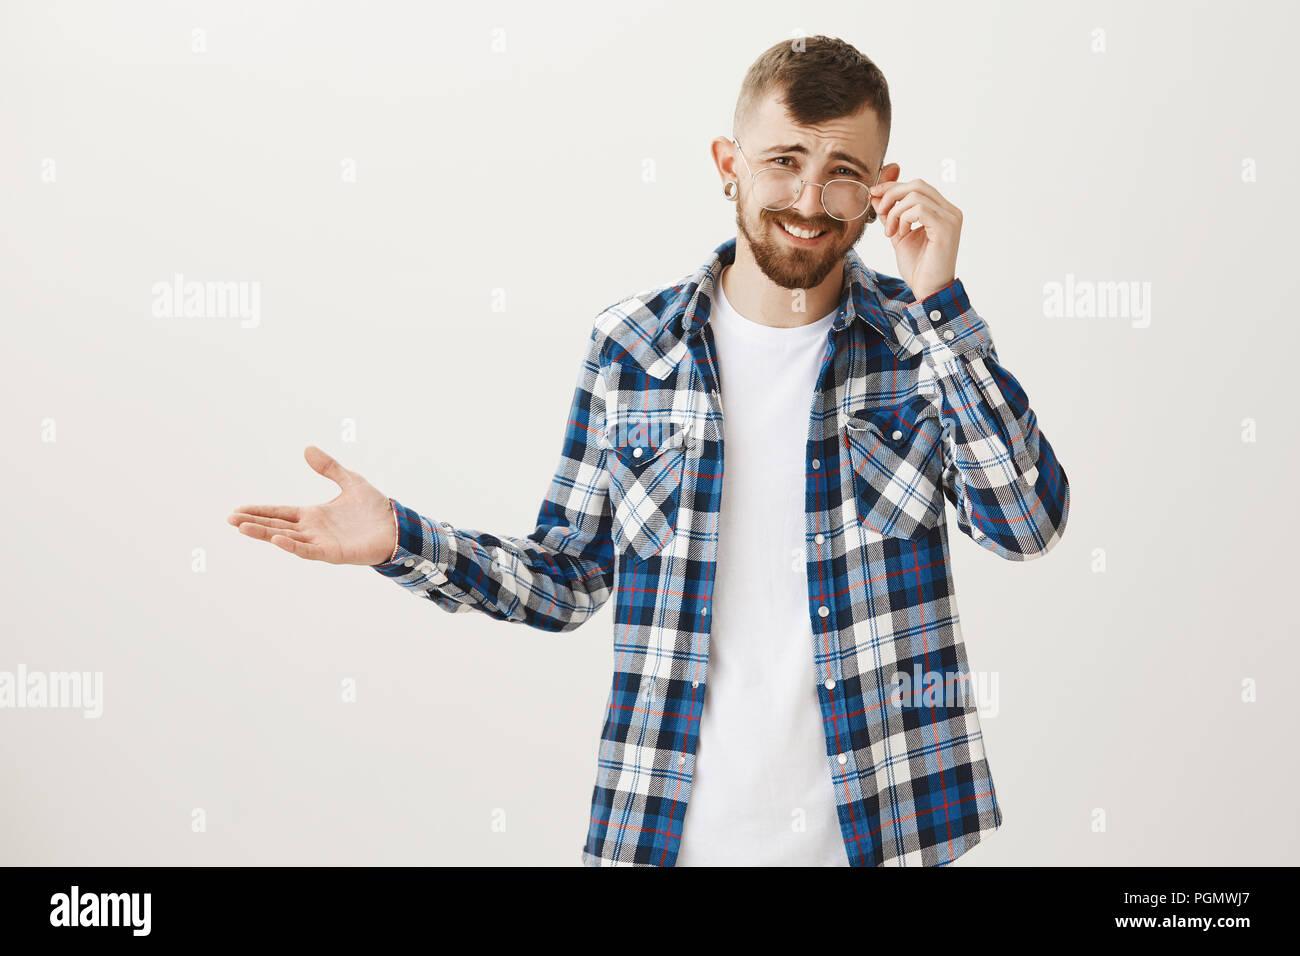 Qui se soucie des règles. Portrait of attractive young confiant guy avec chemise à carreaux, barbe en décollant les verres et la diffusion de l'audience, palm cluelessly absurde et exprimer l'incrédulité Photo Stock